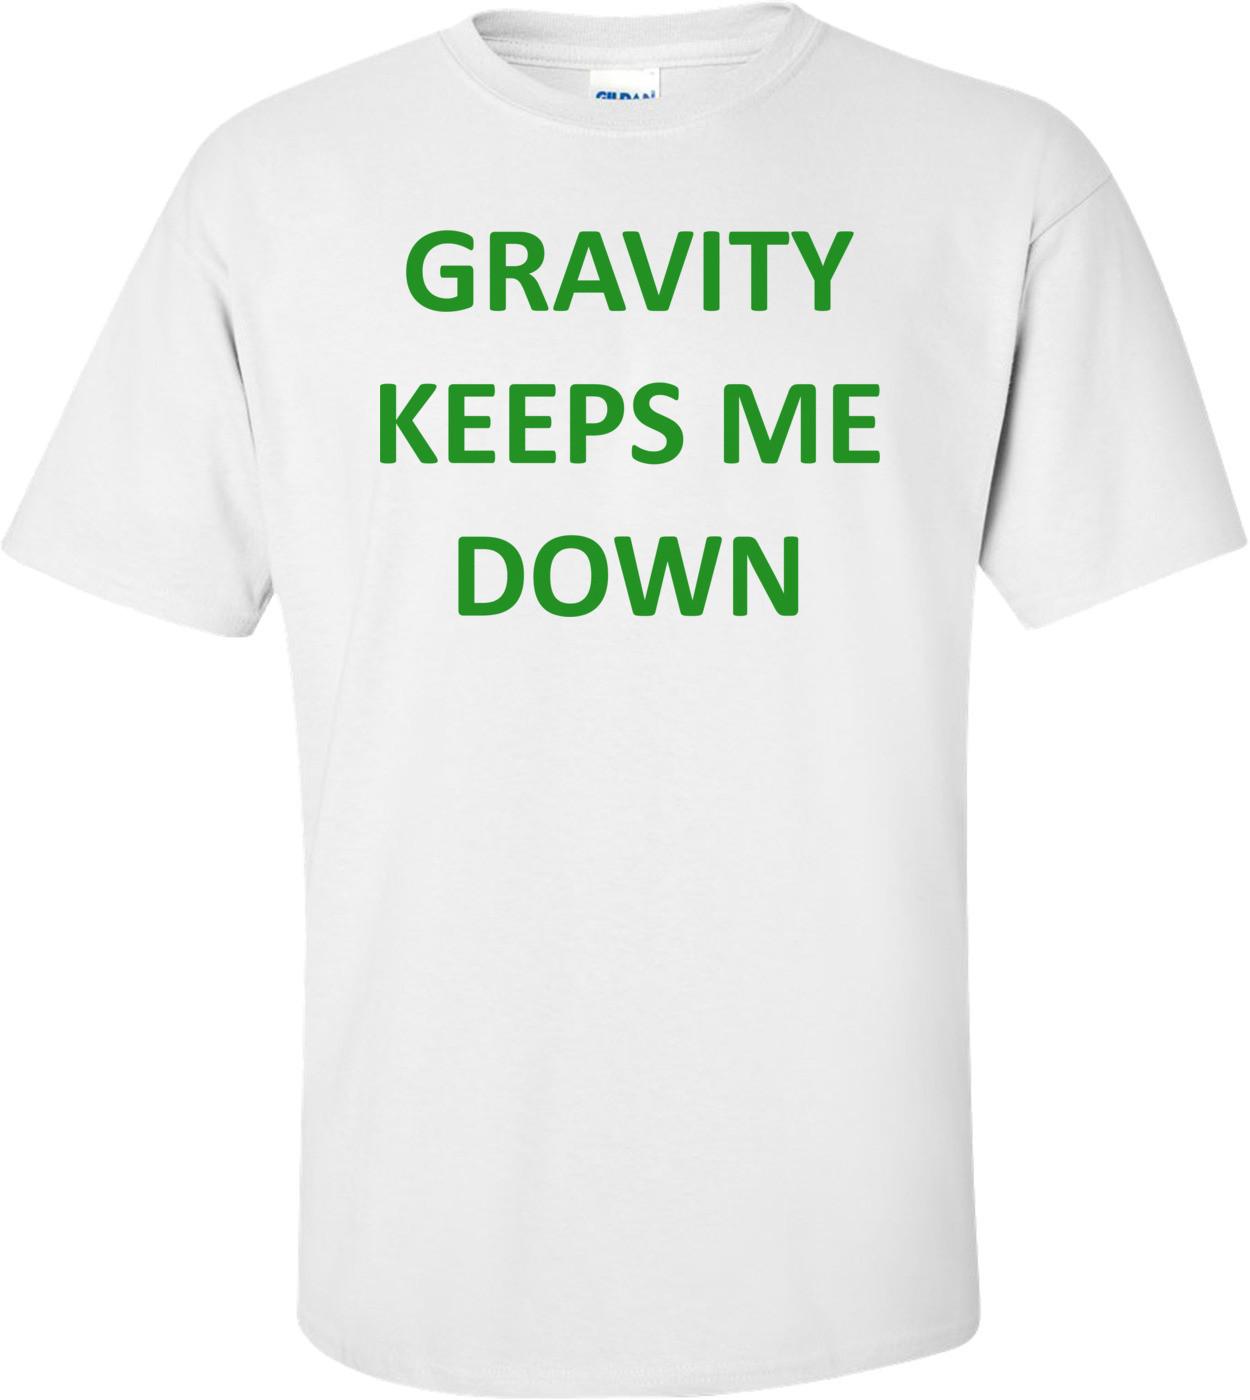 GRAVITY KEEPS ME DOWN Shirt